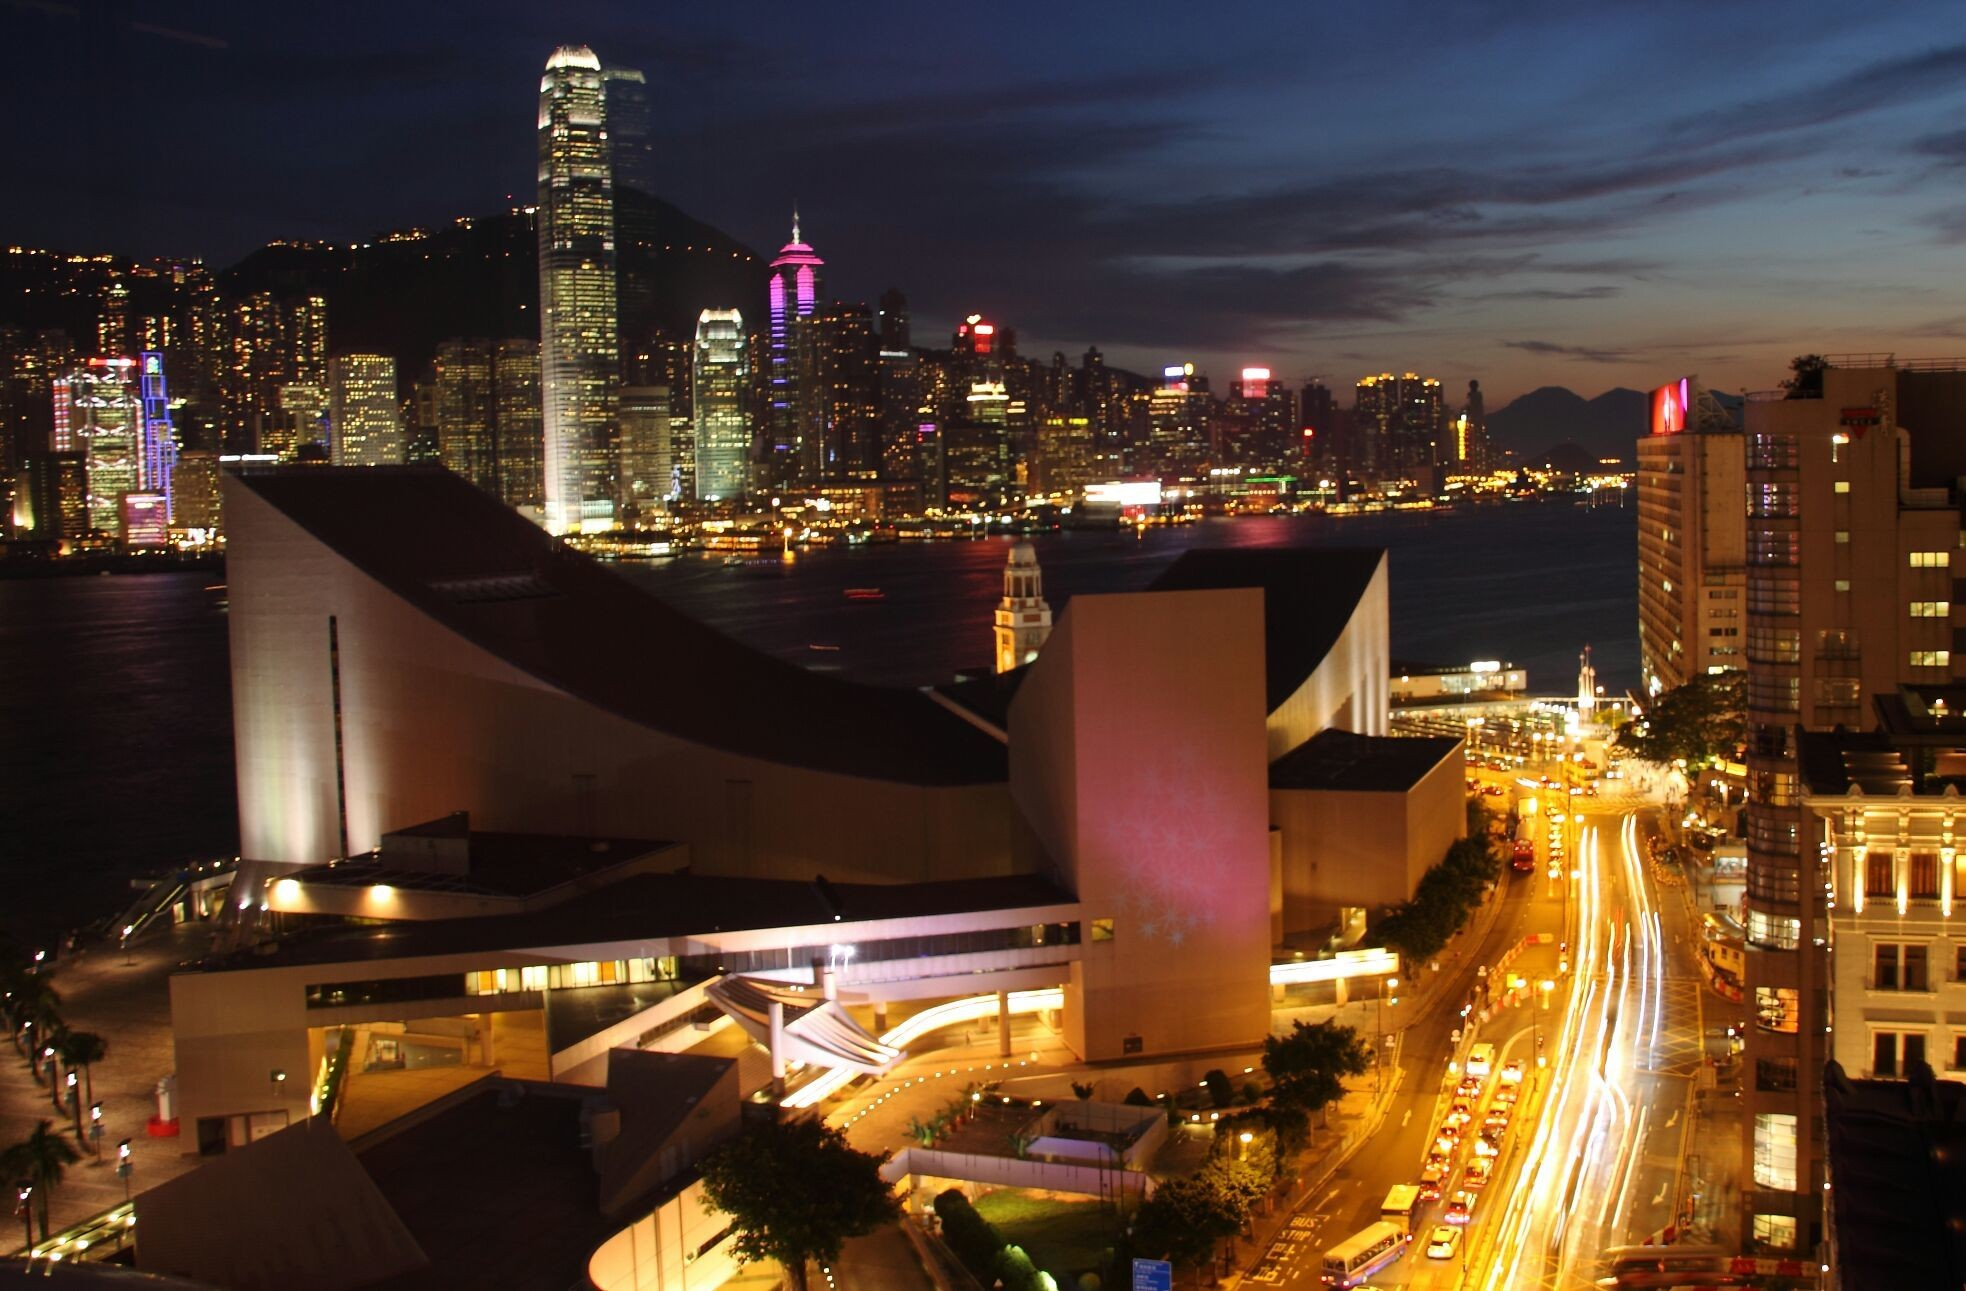 Sheraton hotel view. Kowloon, Hong Kong, China.